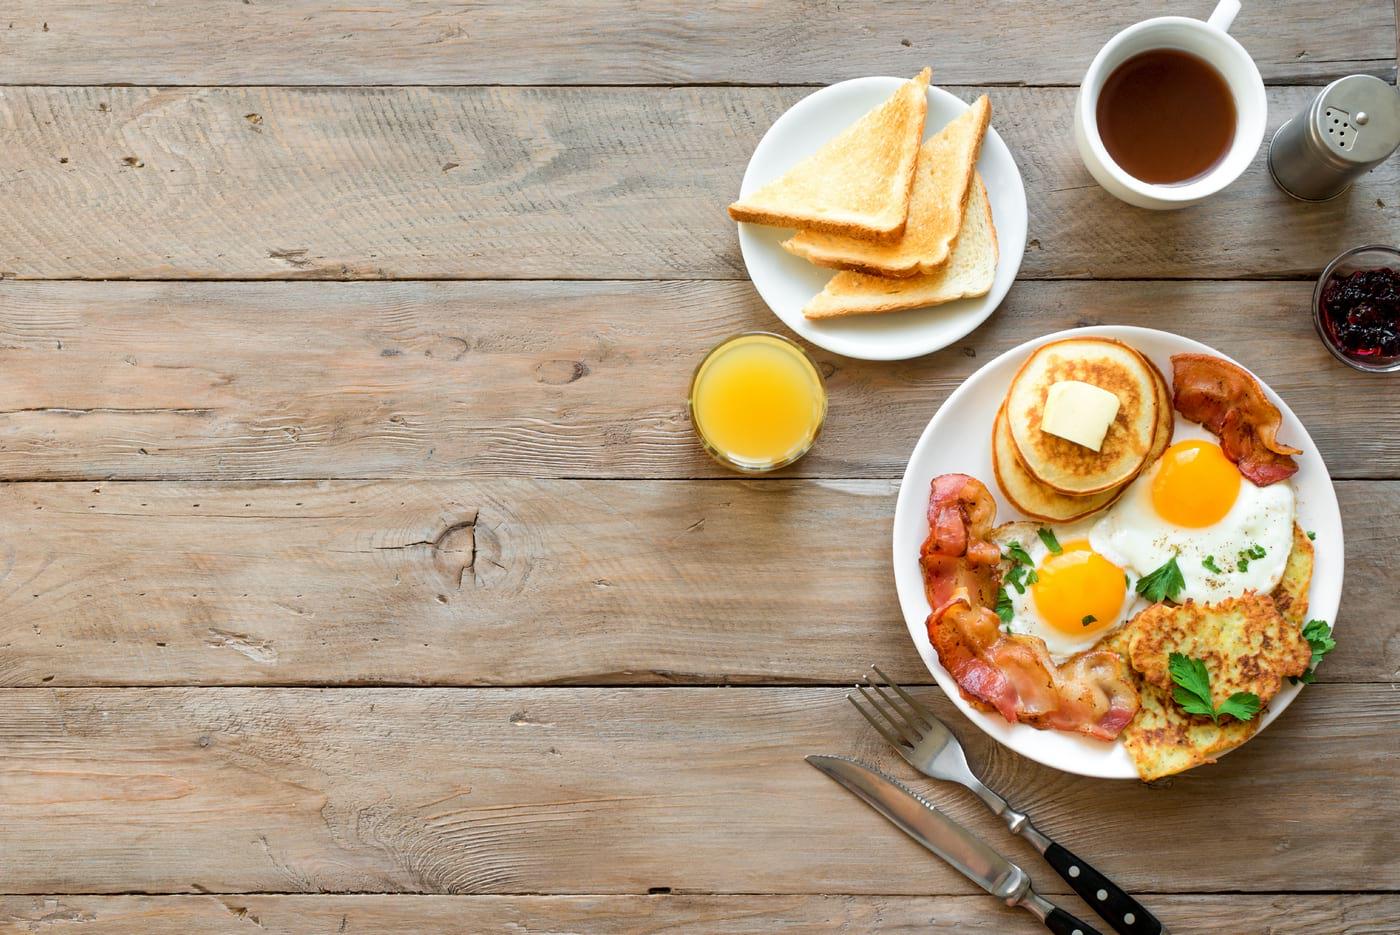 Proteinele consumate dimineața susțin o mai bună creștere musculară (studiu)